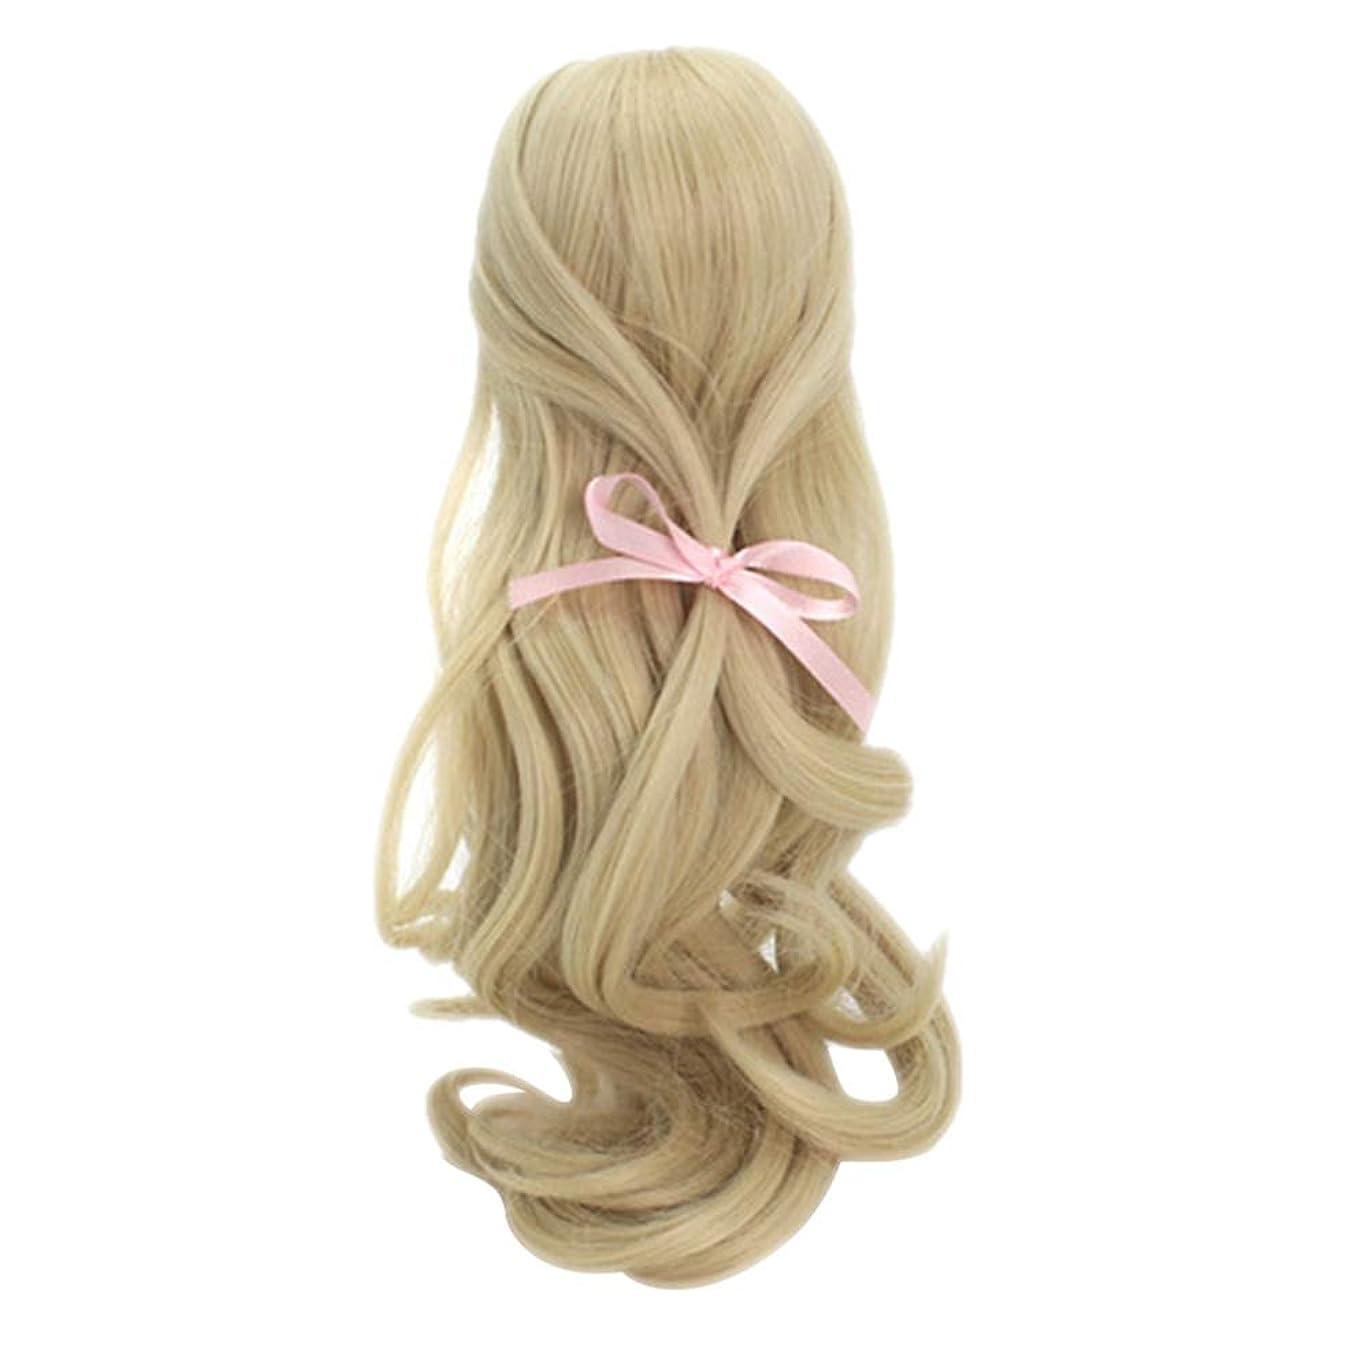 メイン主張する吸収剤Healifty 人形のかつらAir Loli高温シルクウィッグ装飾人形のための長い巻き毛(白)